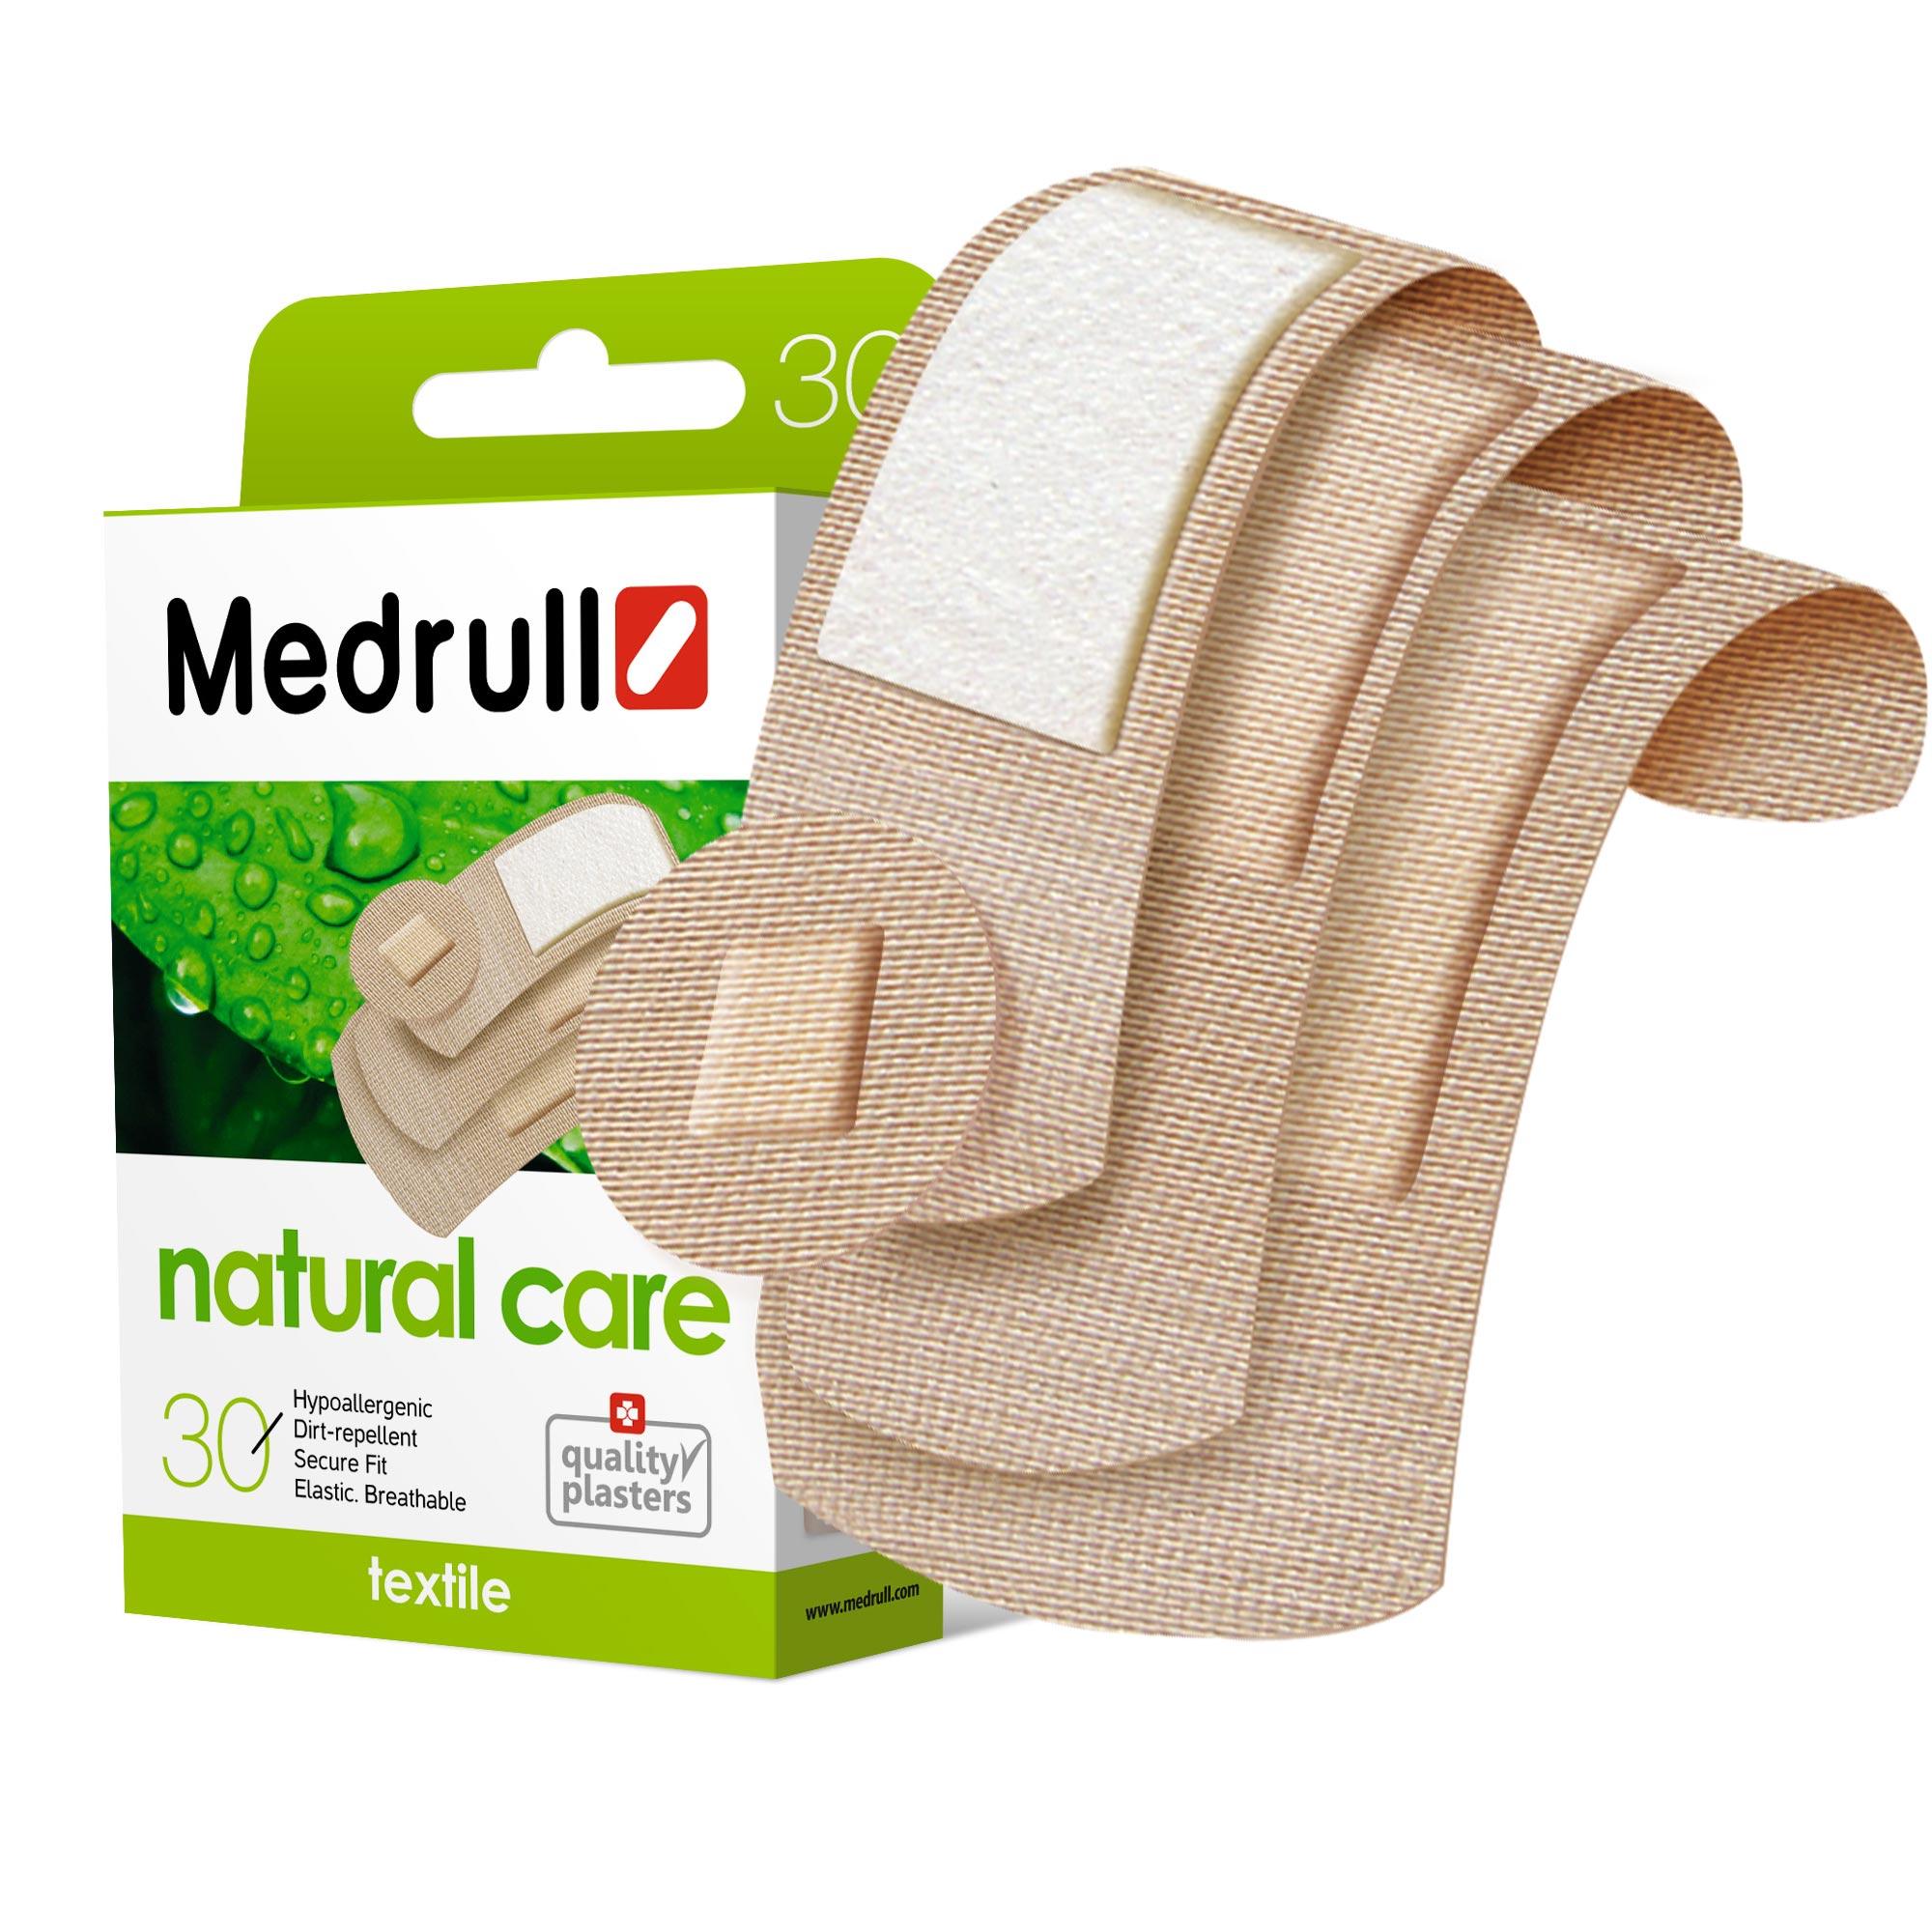 Medrull Набор пластырей Natural Care, №304260071590039Гипоаллергенные пластыри, предназначенные для людей, кожа которых, чувствительна к факторам окружающей среды. Пластыри изготовлены из приятного для кожи эластичного,текстильного материала, в состав которого входит - 65% хлопок, 35% полиамид, благодаря чему, возможность появления аллергии снижена до минимума. Свойства пластыря: грязенепроницаемые, гипоаллергенные, эластичные, дышащие, плотно прилегающие. Абсорбирующая подушечка изготовлена из вискозы и обладает высокой впитываемостью. Верхняя часть подушечки обработана полипропиленом, что защищает от вероятности прилипания пластыря к поврежденной поверхности кожи.